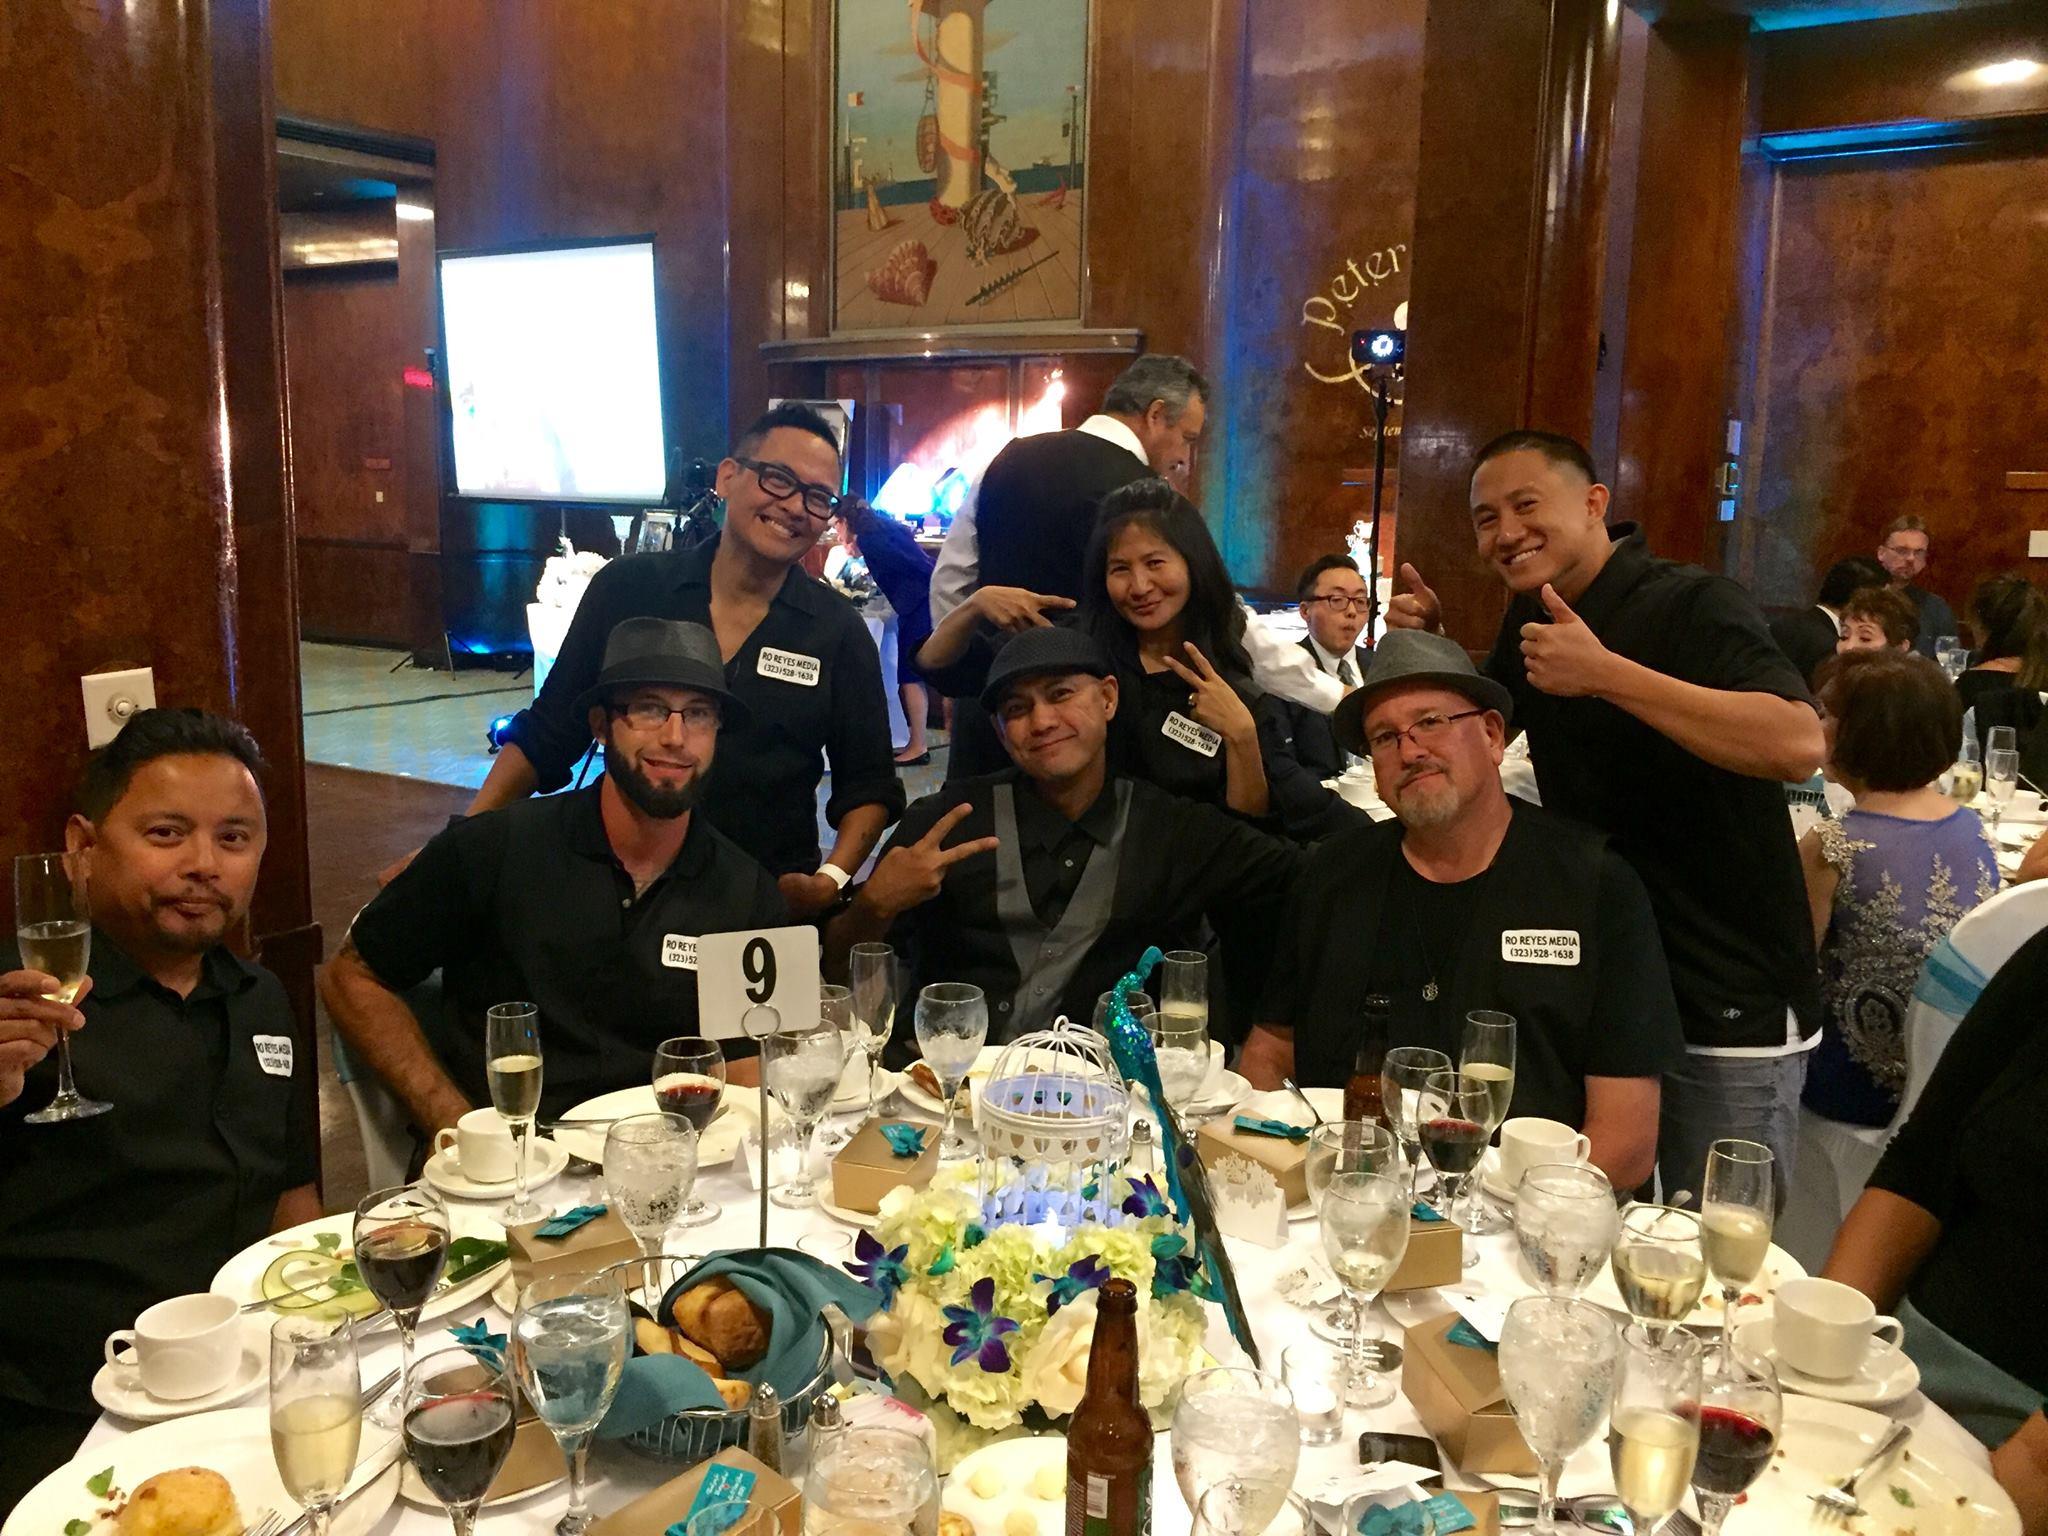 Jun, Nick, Ro, Chris, Rowena, David, RB